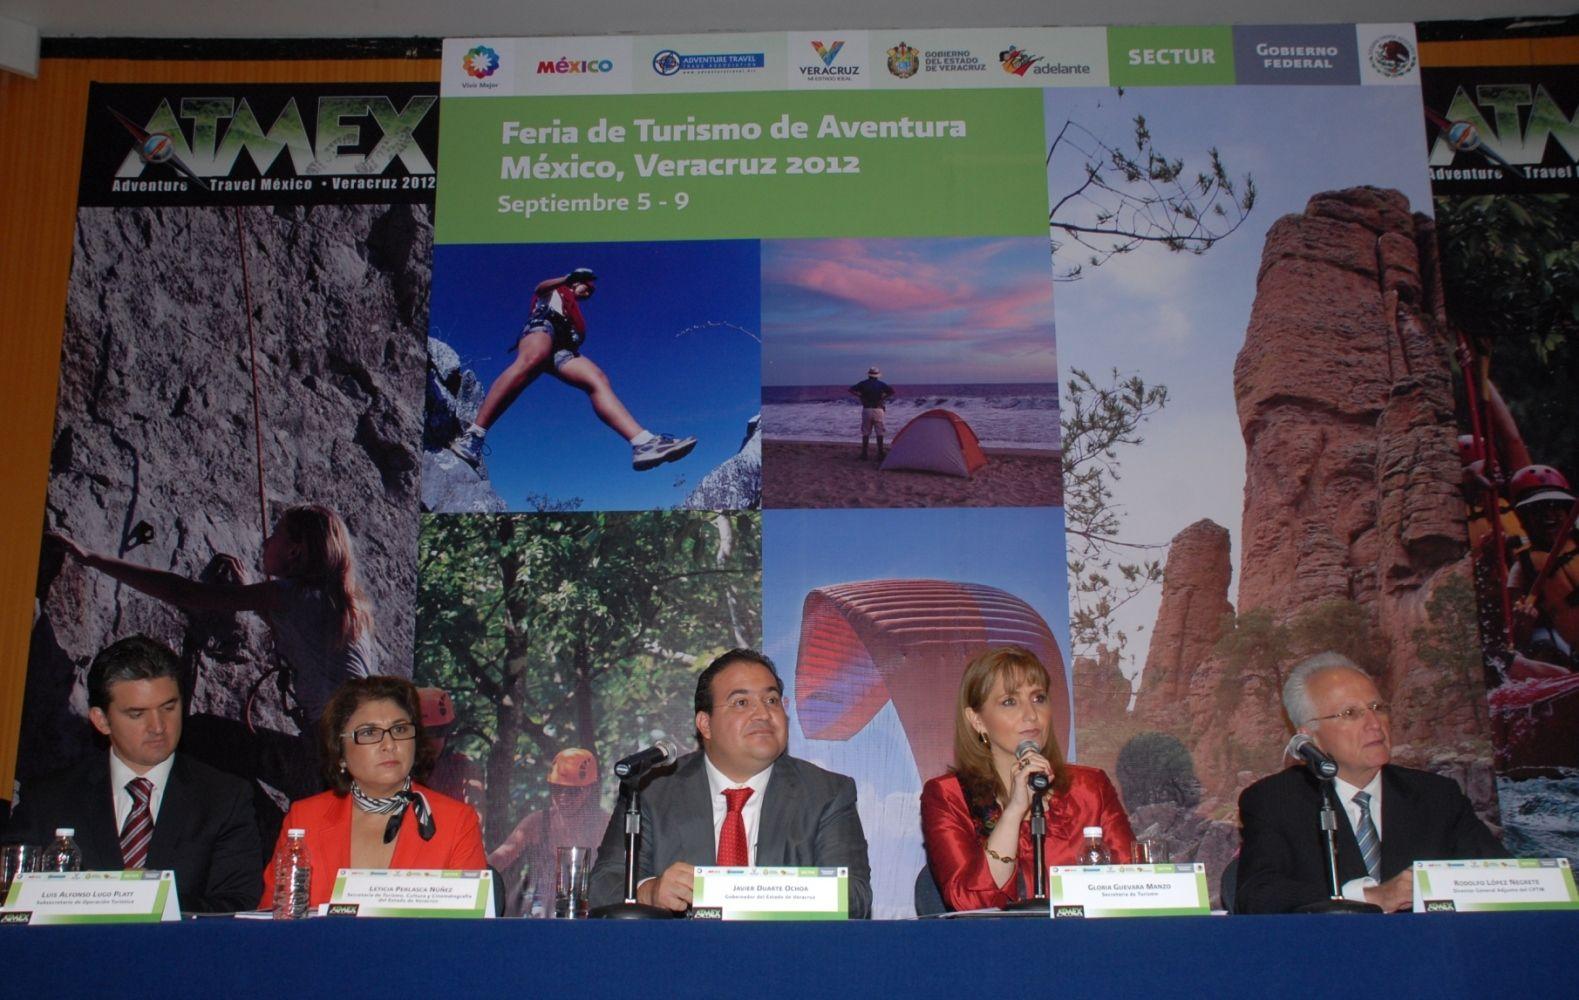 Durante la presentación de la Primera Feria de Turismo de Aventura México, Veracruz 2012, se informó que la entidad, además de sus extensos recursos naturales, posee un importante Patrimonio Cultural conformado por fiestas, tradiciones, gastronomía, Pueblos Mágicos y sitios declarados por la Unesco como patrimonio mundial.